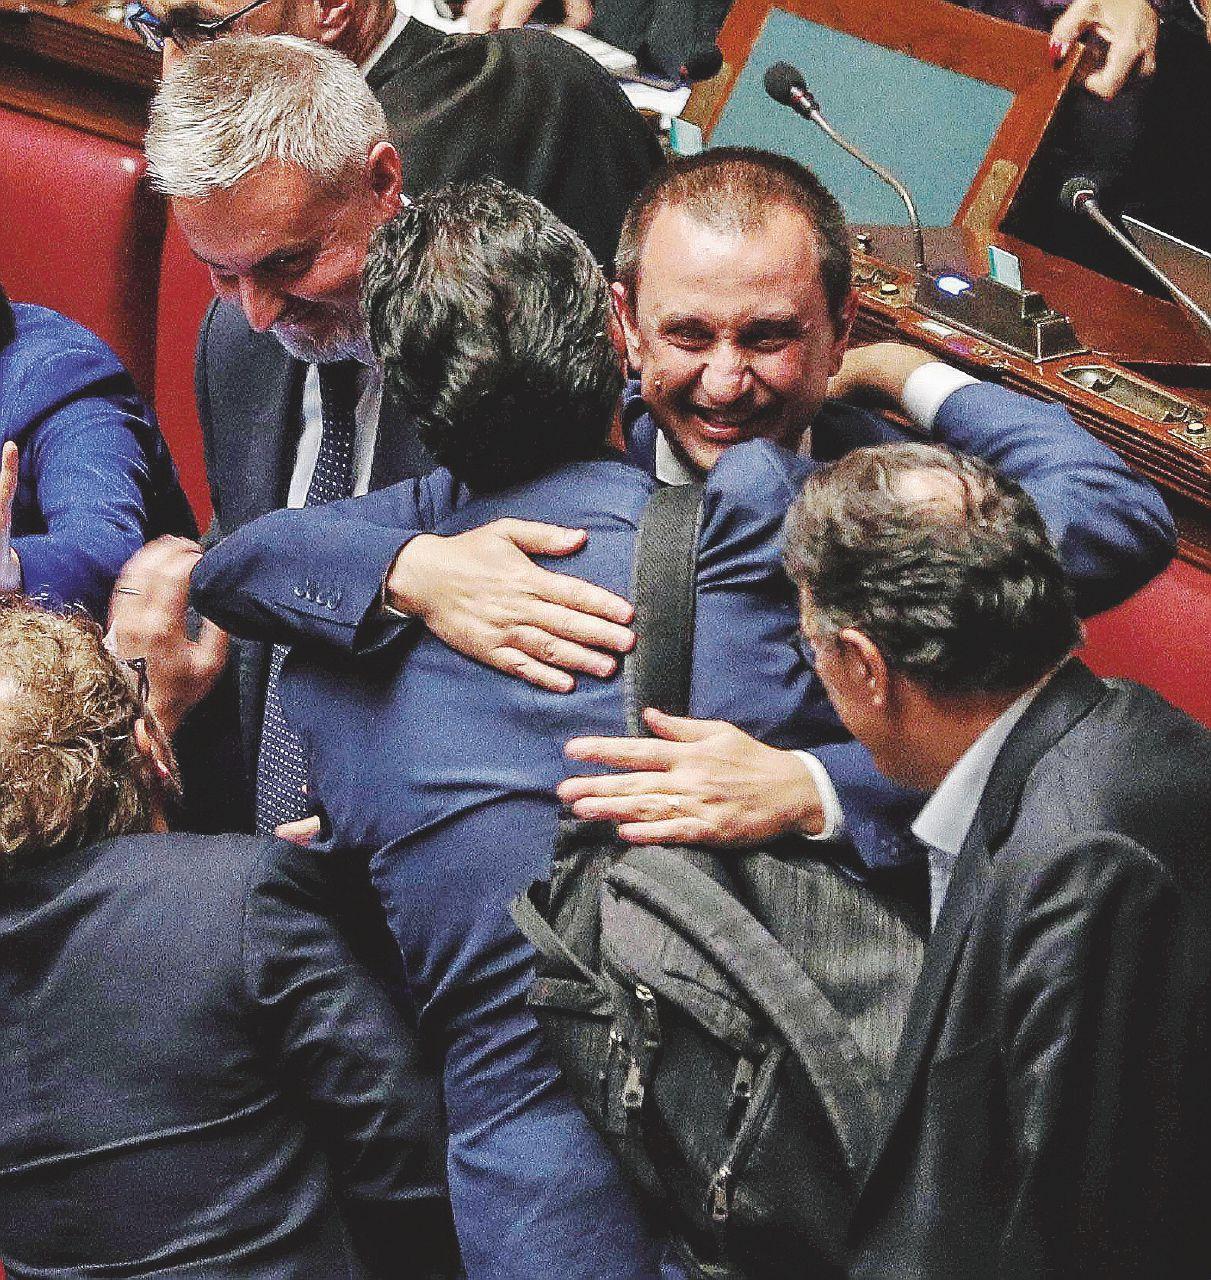 Sul Fatto dell'8 marzo: Quote Rosatellum, un senatore in meno e neppure 1/3 di donne